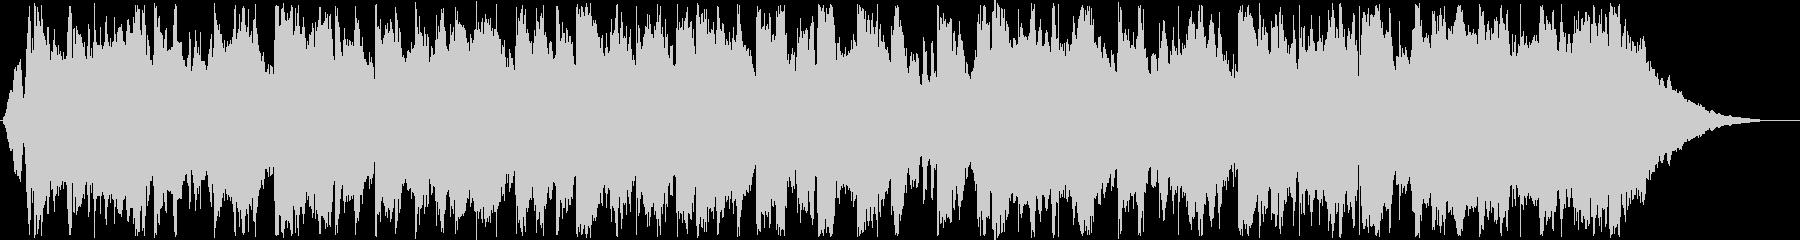 ハーモニカによるカントリーミュージックの未再生の波形